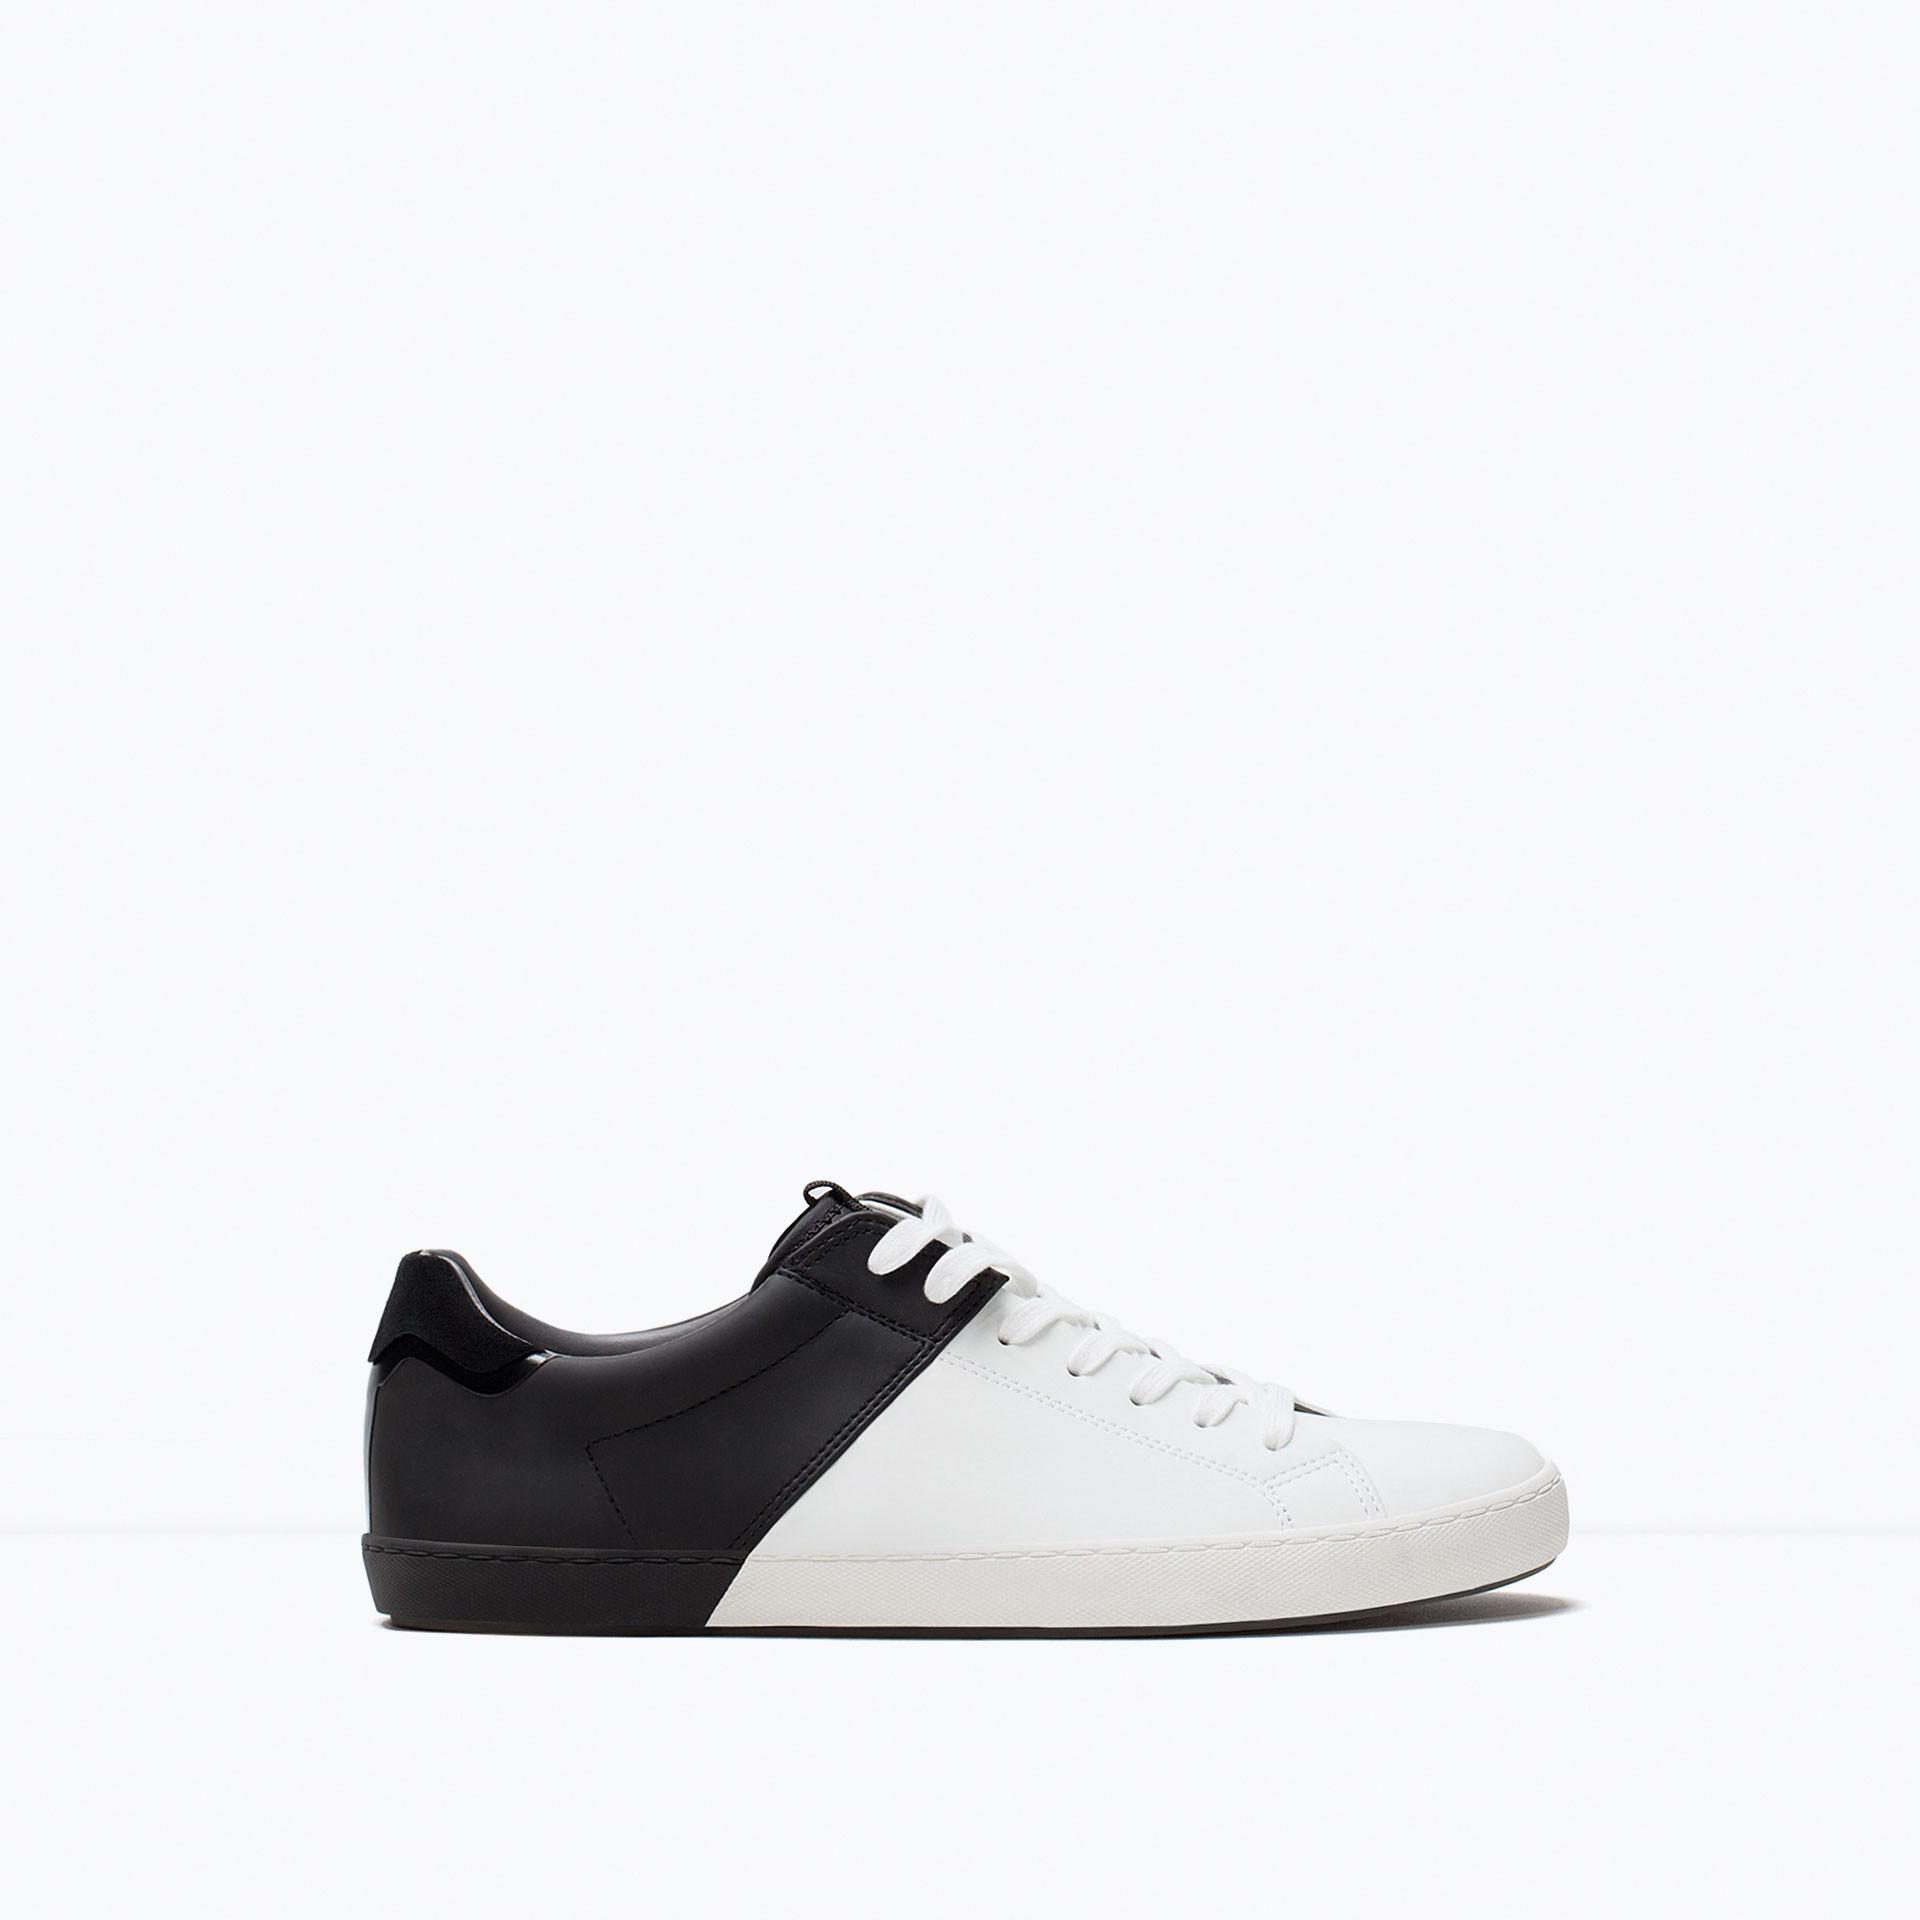 Zara Shoes Quality Styleforum